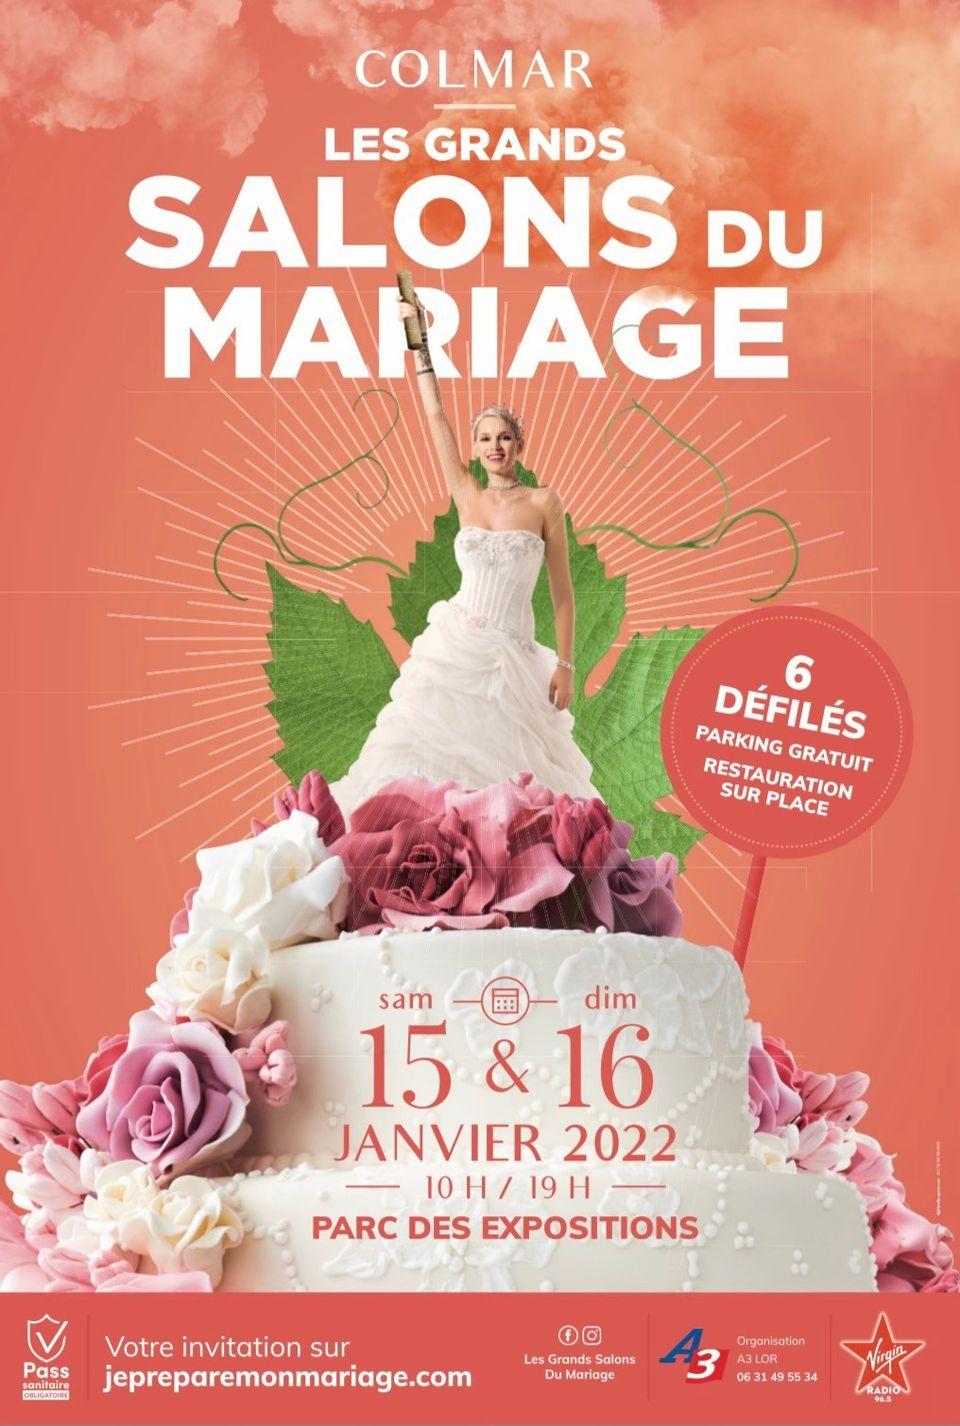 Le Salon du Mariage Colmar 15 et 16 Janvier 2022